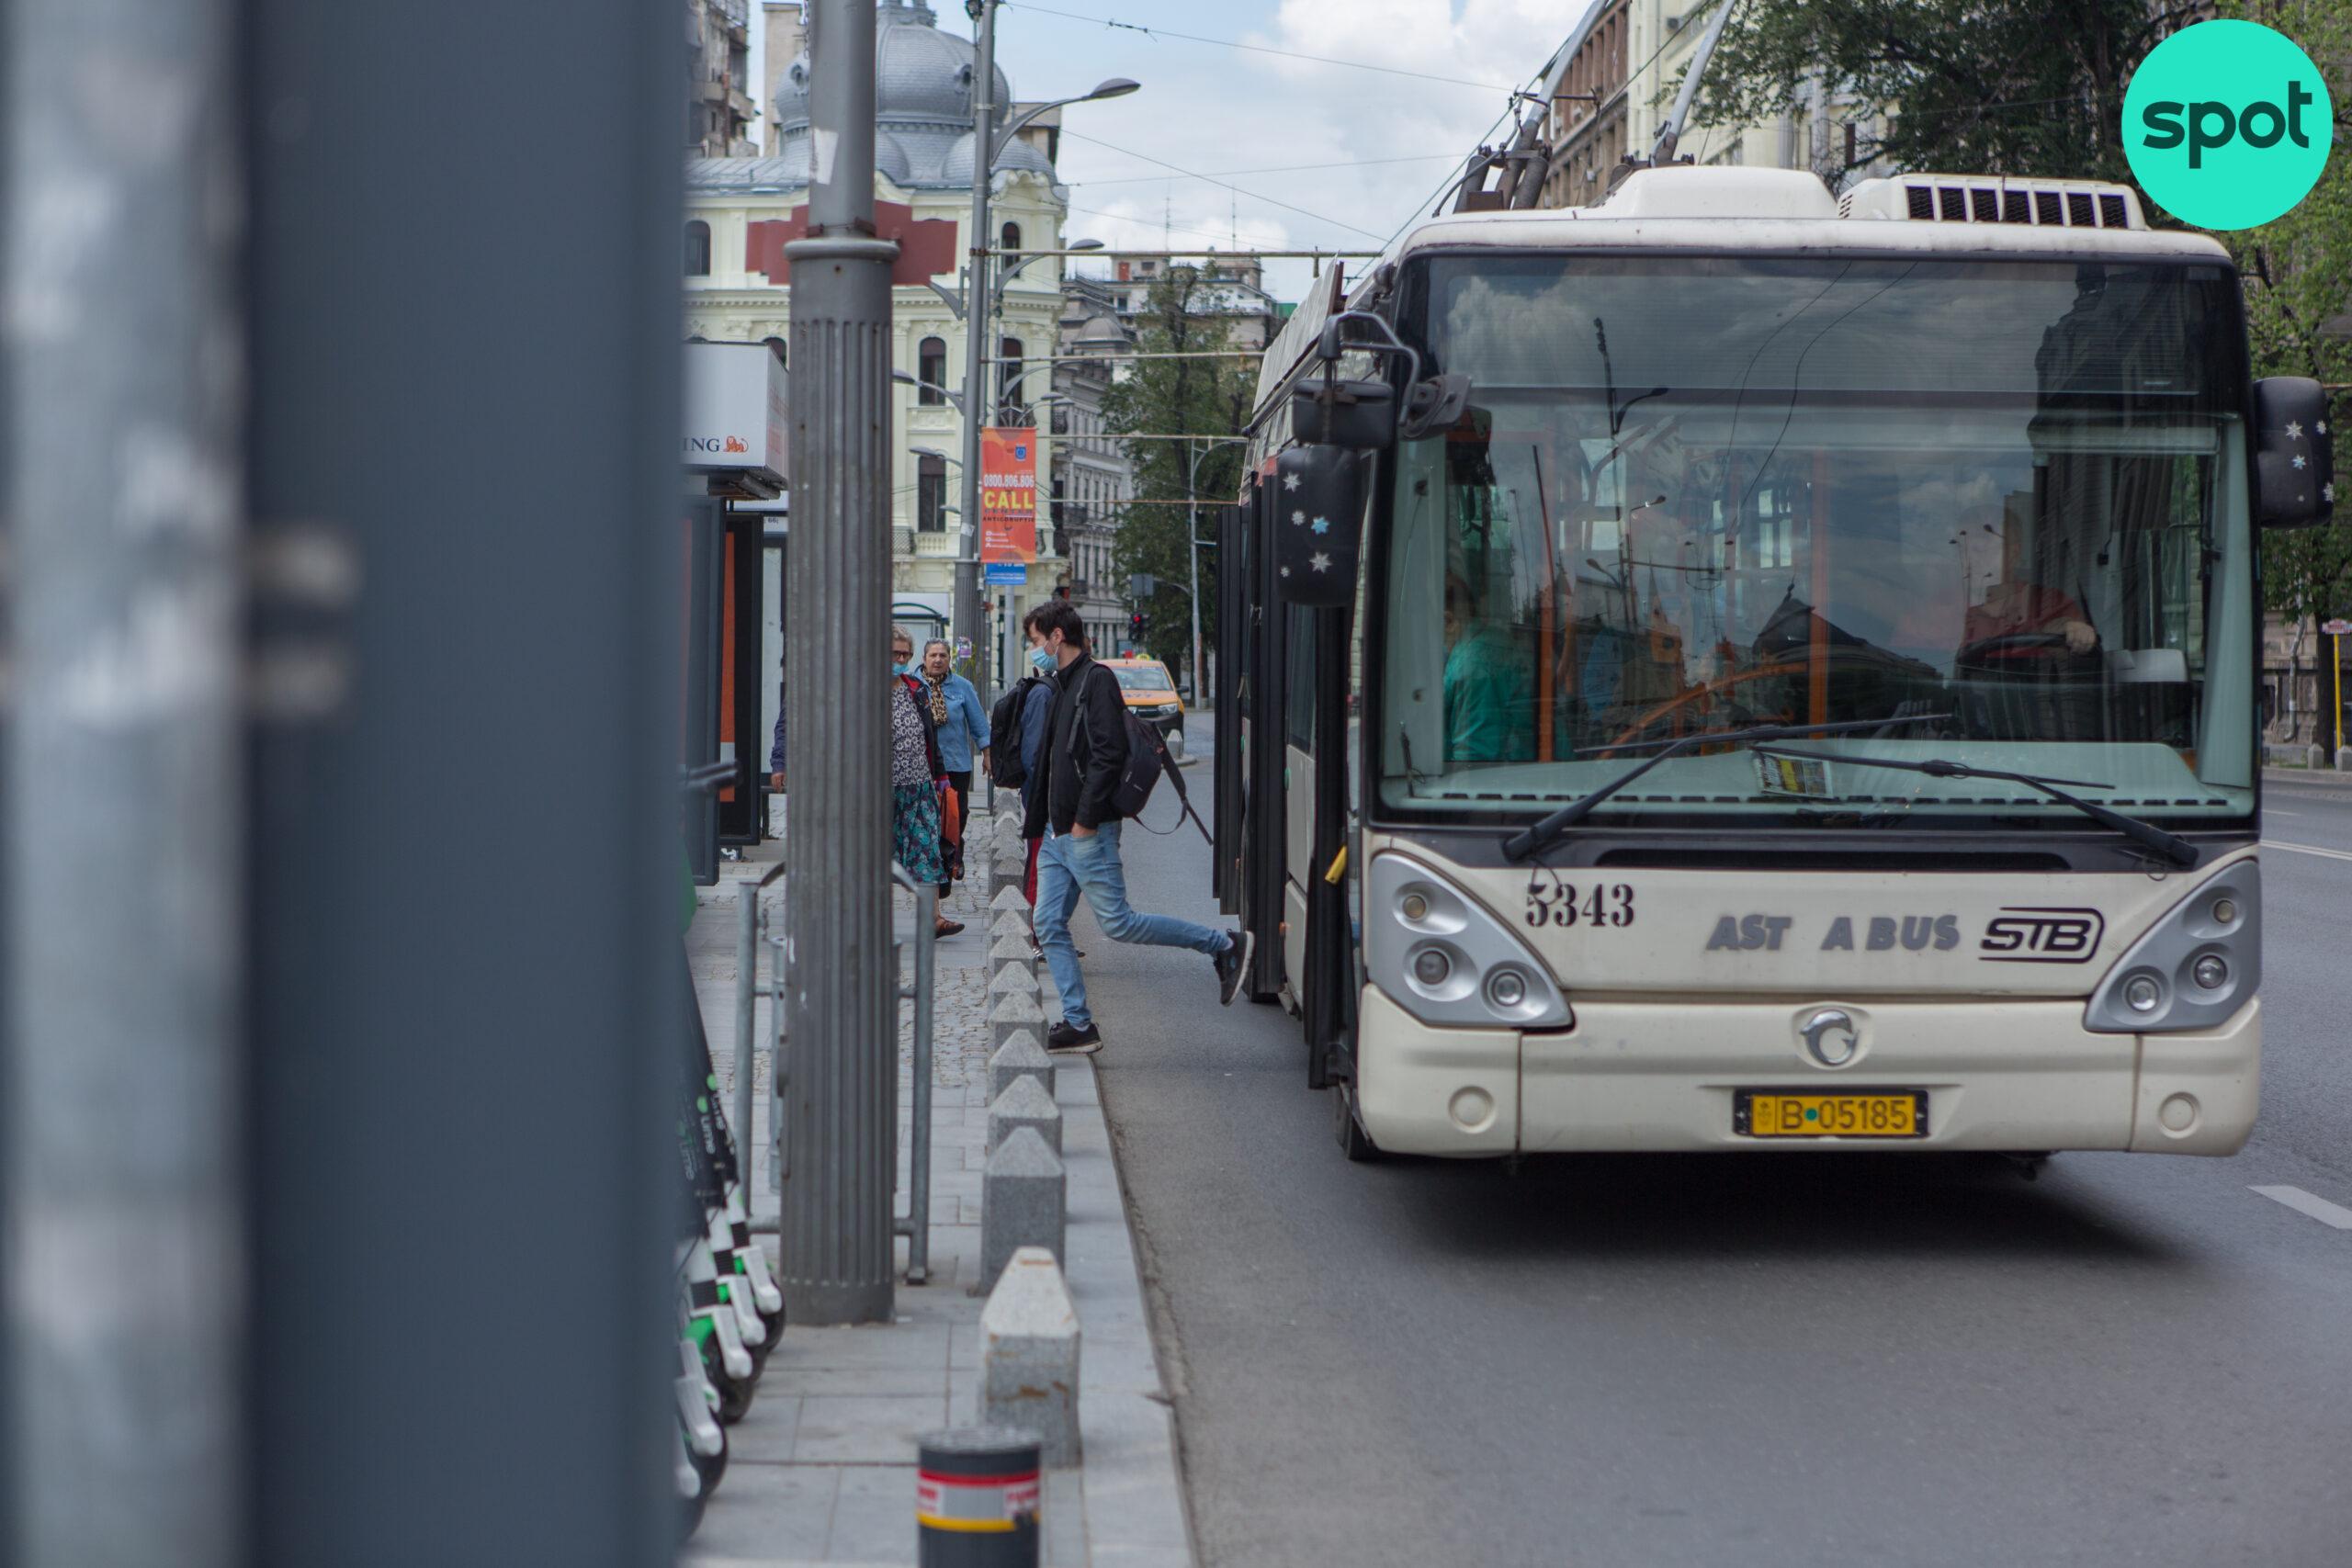 Autobuzele încep să circule pe liniile de tramvai, în Capitală. Bucureștenii nu au fost anunțați din timp de schimbarea stațiilor, dar șoferilor li s-a cerut să se imbrace frumos, ca vine doamna primar!